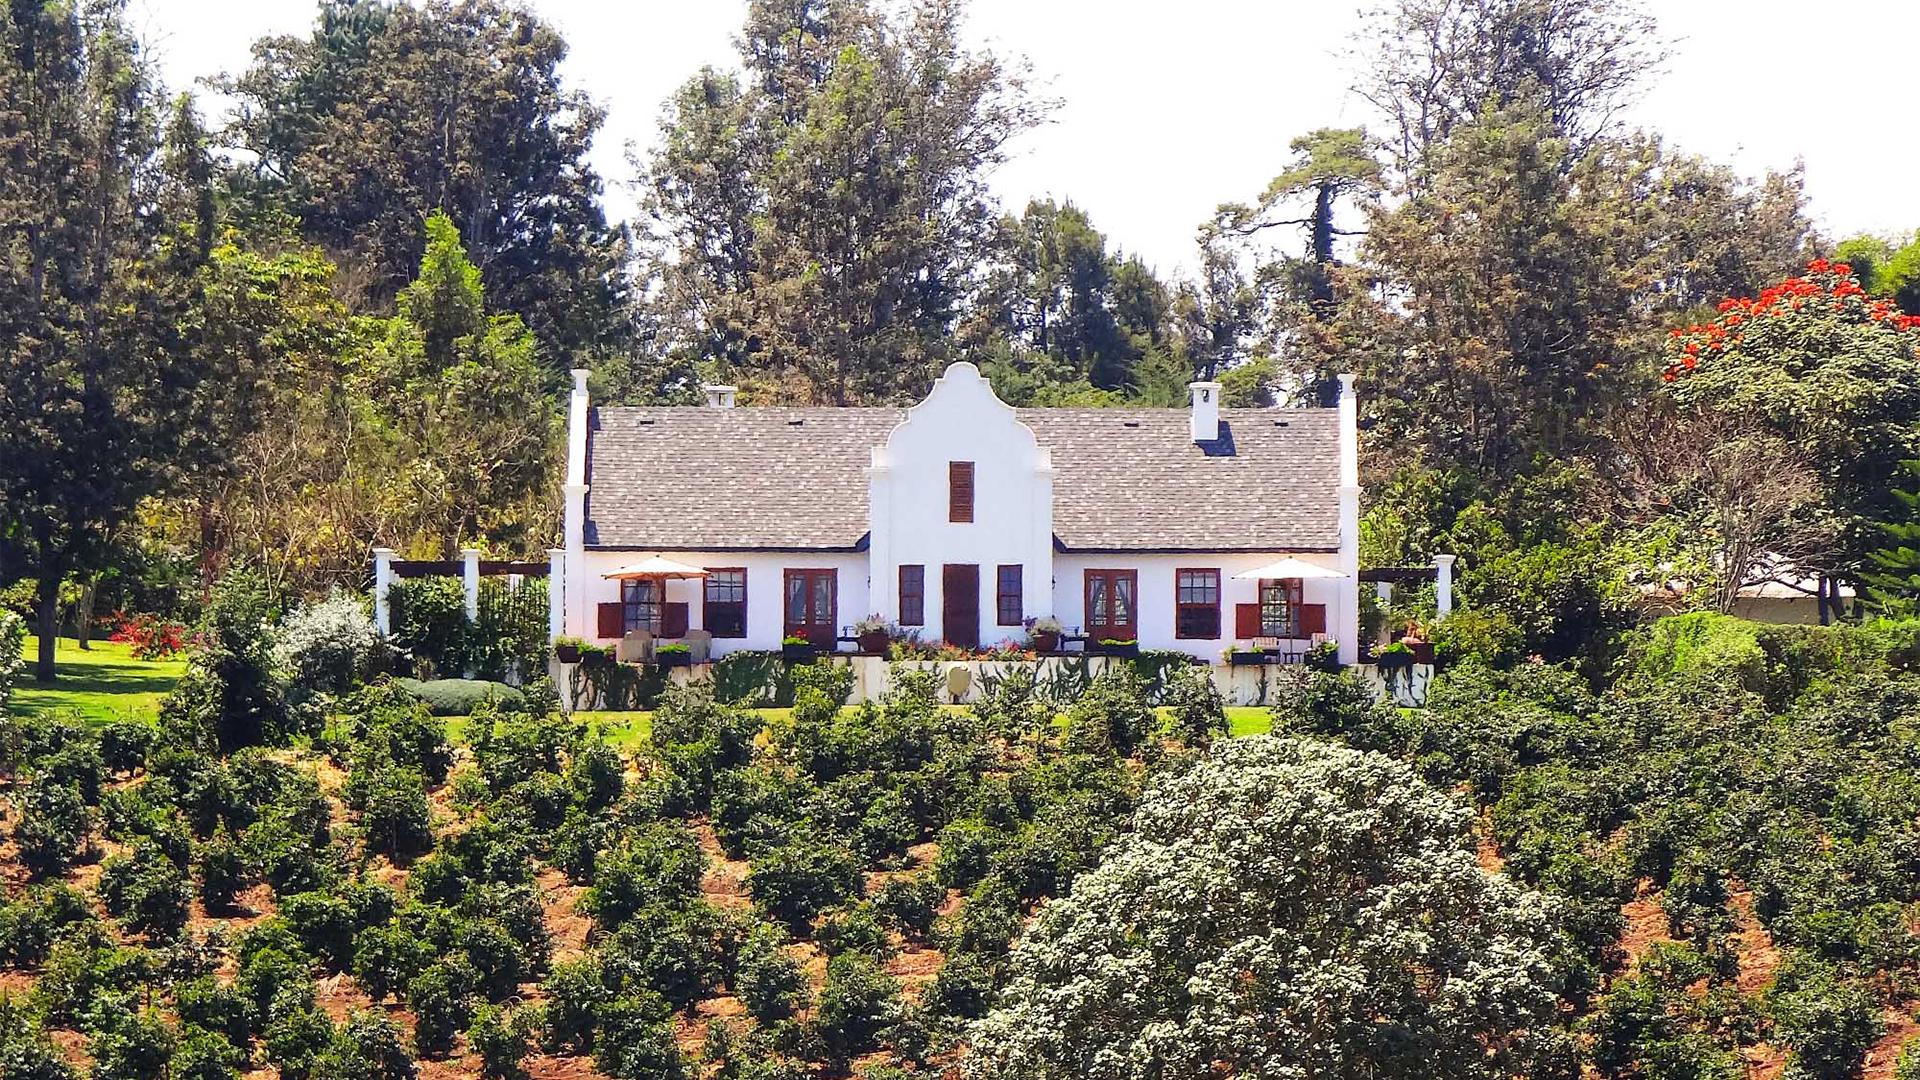 The-Manor-House-at-Ngorongoro